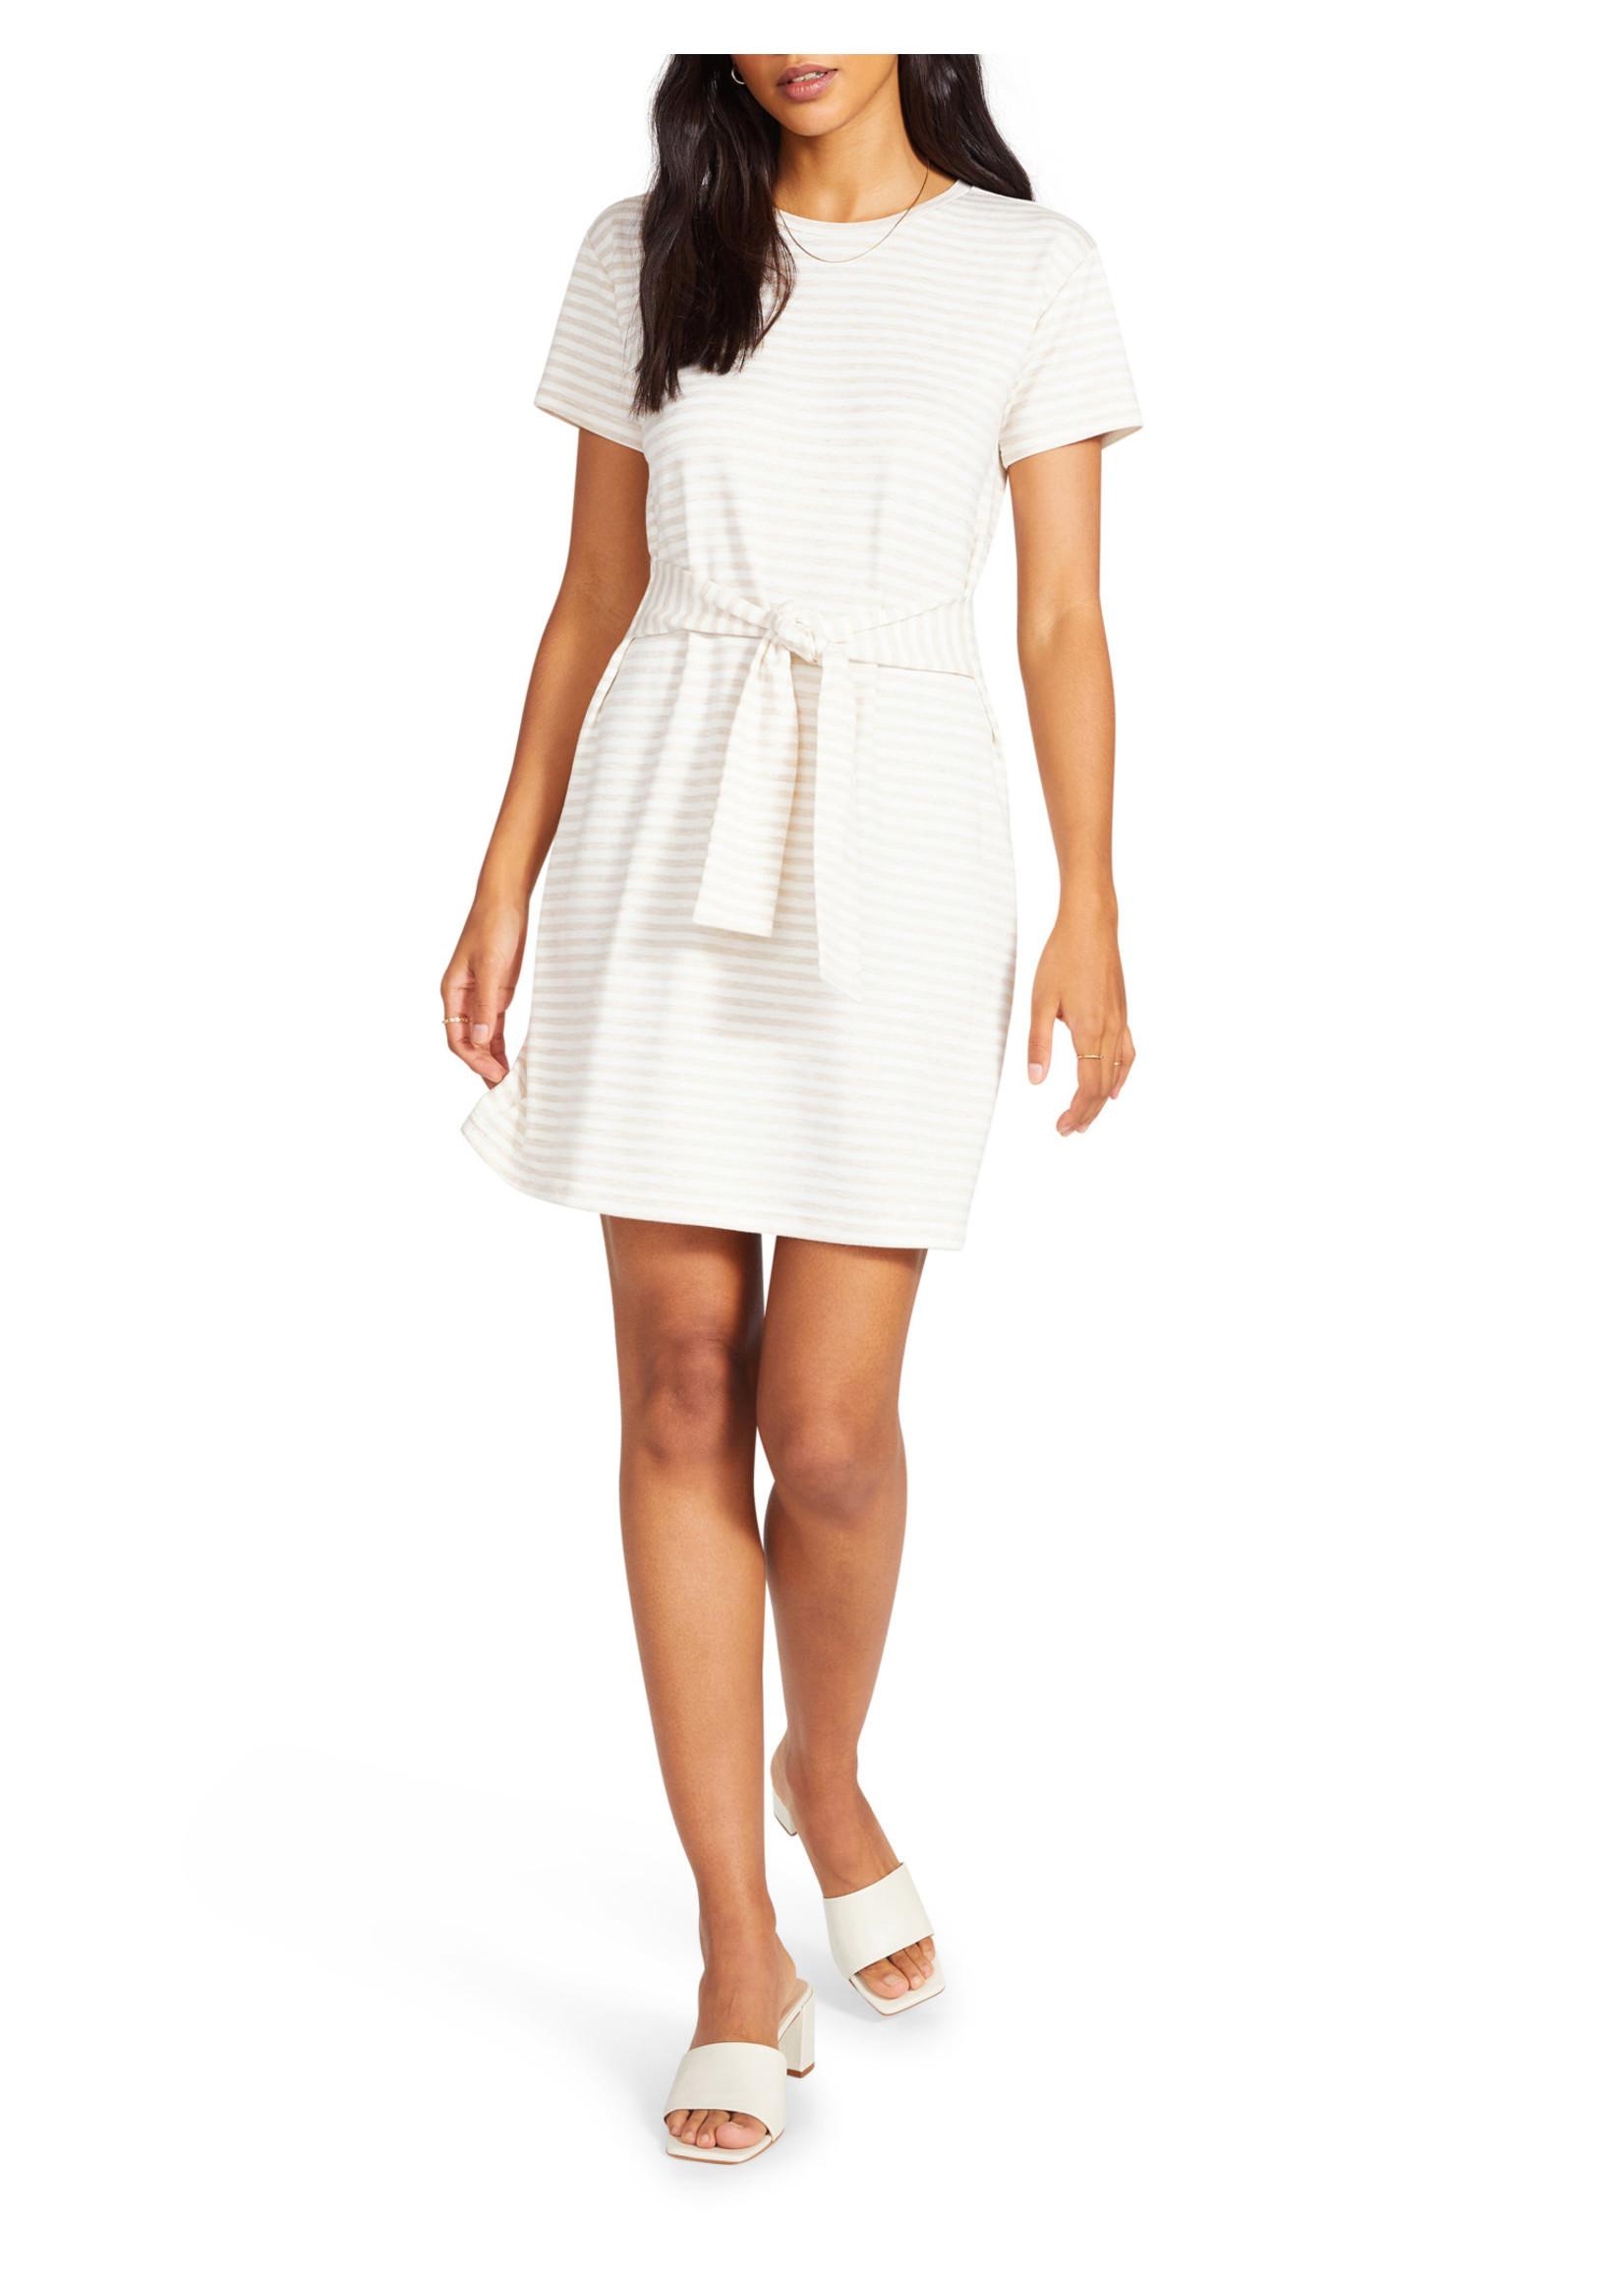 BB Dakota Salad Days Dress - BL208133